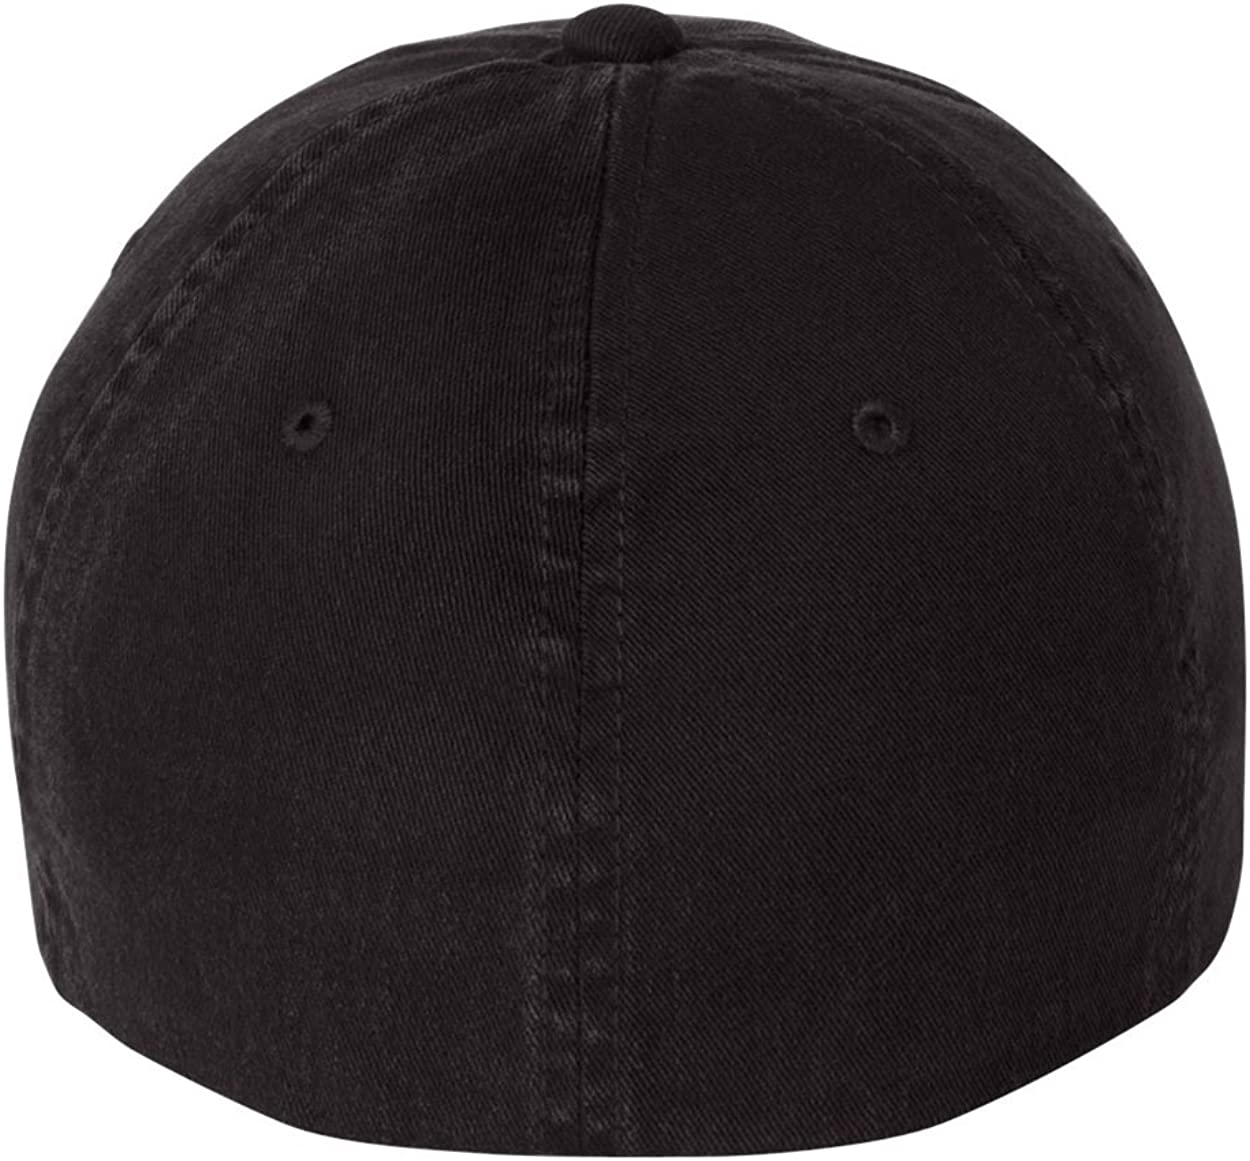 Flexfit Homme Vêtement lavé Cap 6-Panel structuré à profil bas Chapeau 6997